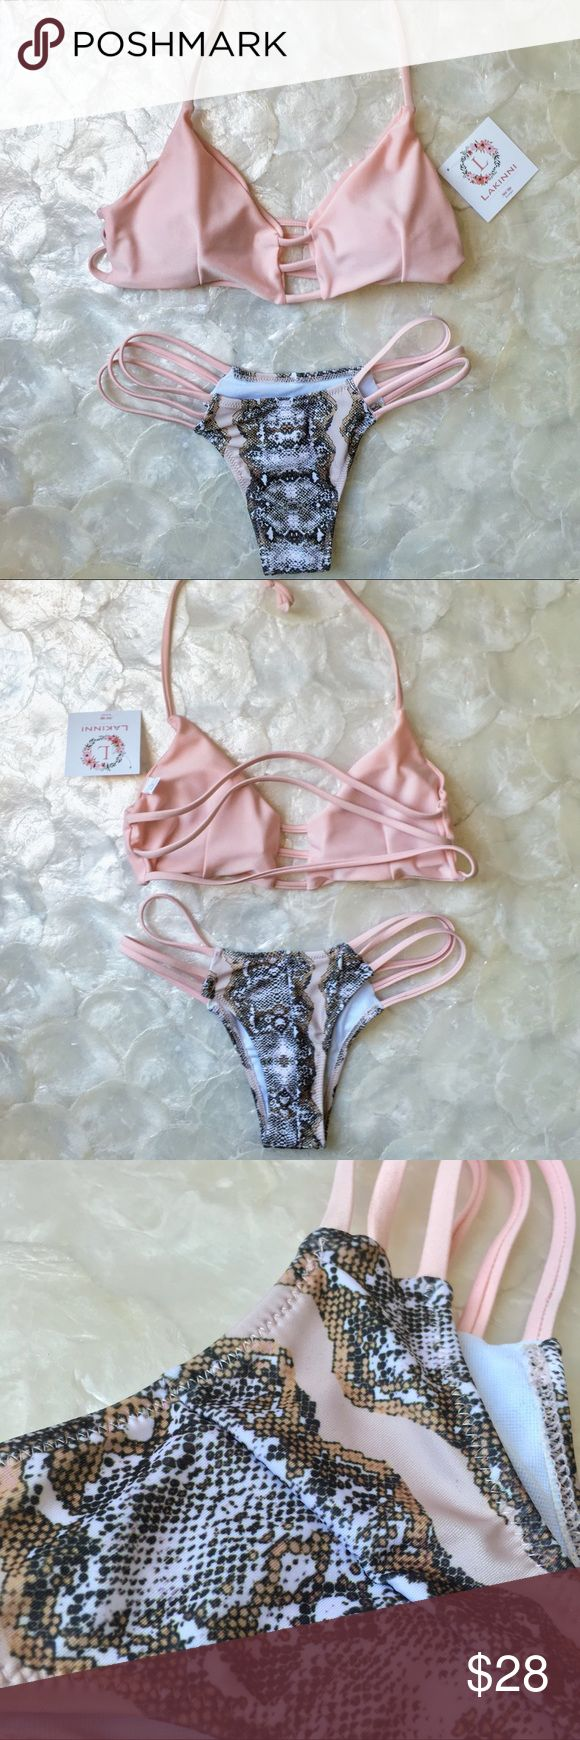 Flash Sale!! 🔥NWT🌸 Bikini Set - Small NWT🌸 Bikini set ...